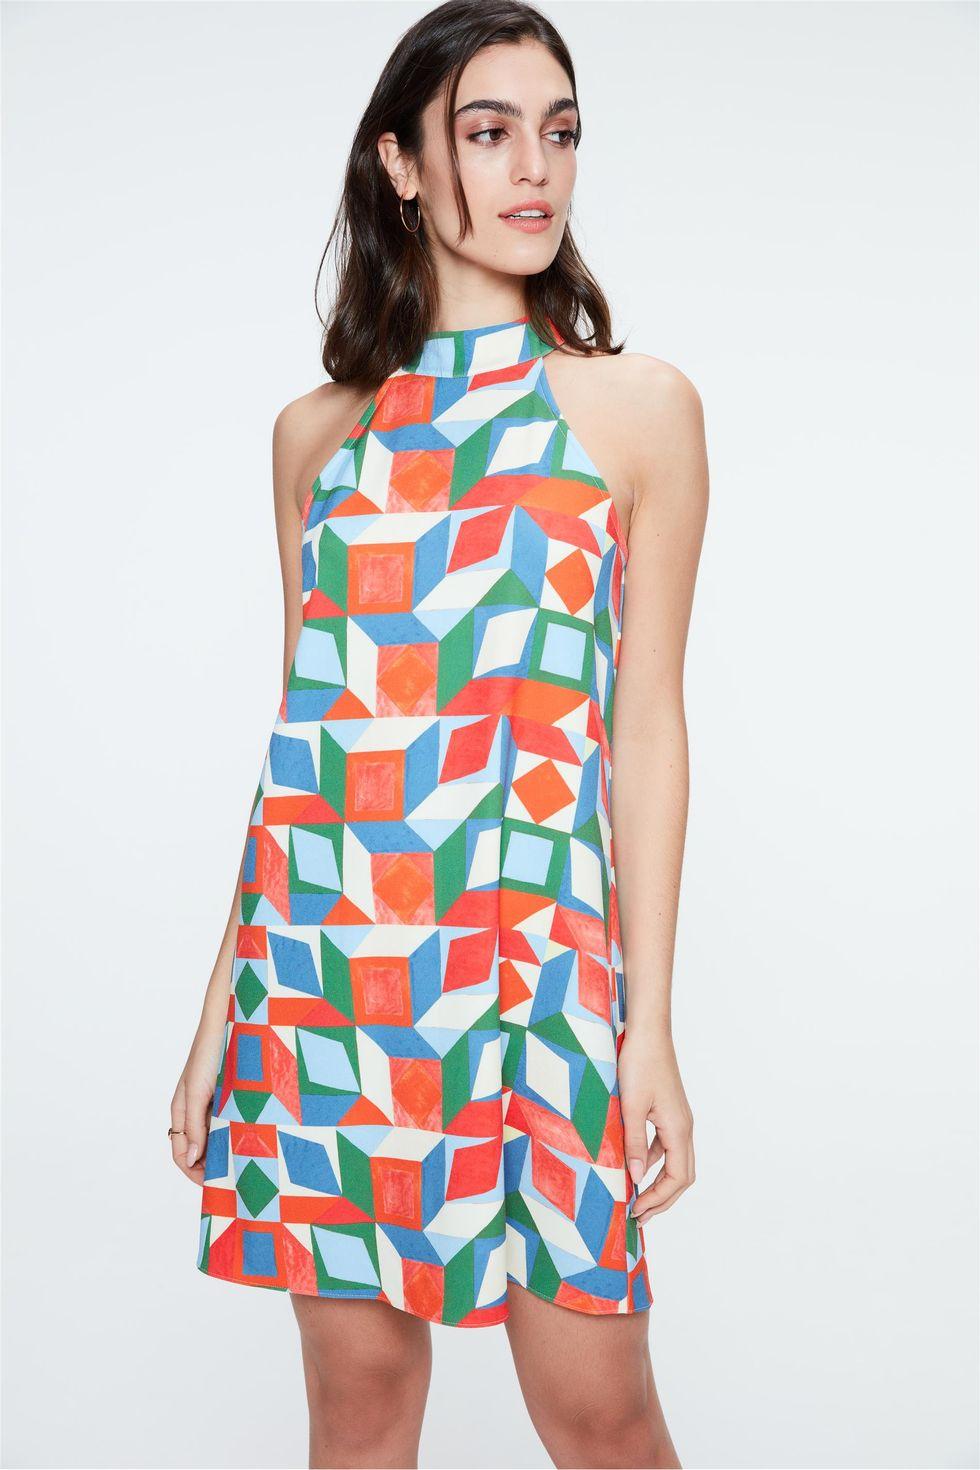 Vestido-Mini-Estampa-Geometrica-Colorida-Frente--